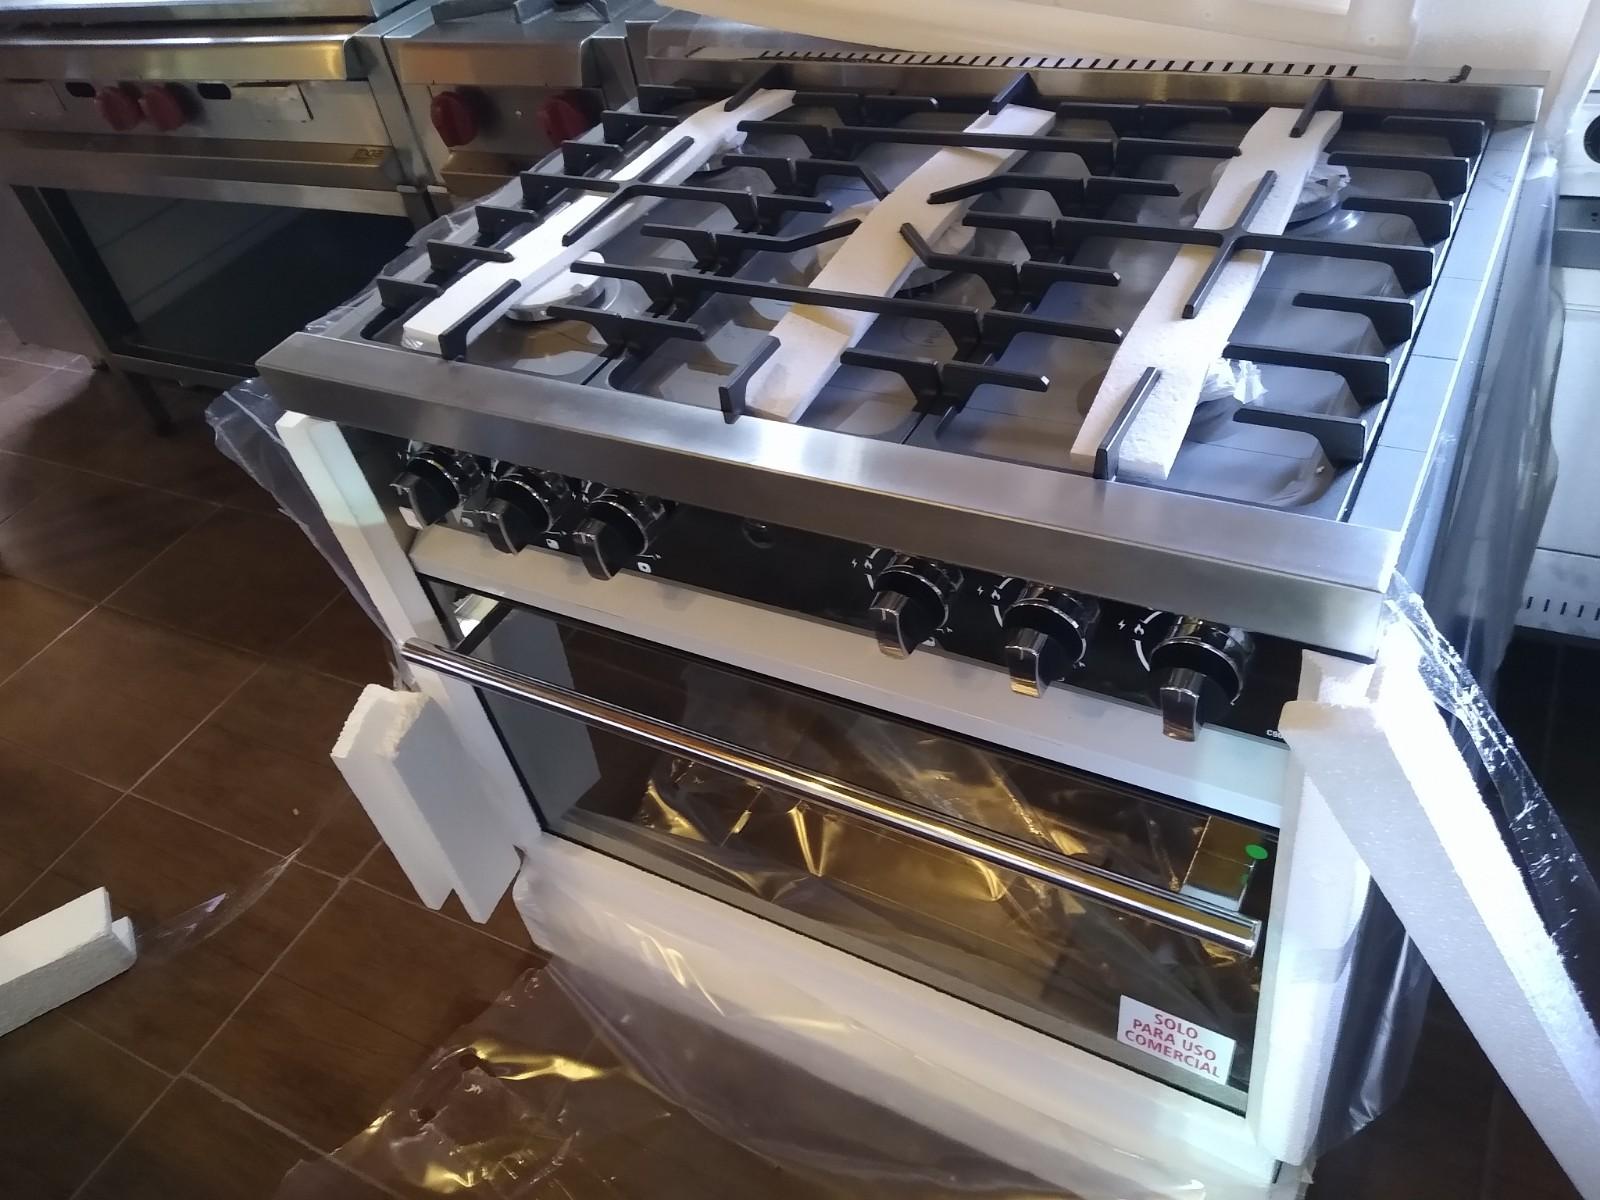 Zafira 900 Cocinas Morelli modernas para tu casa o quincho